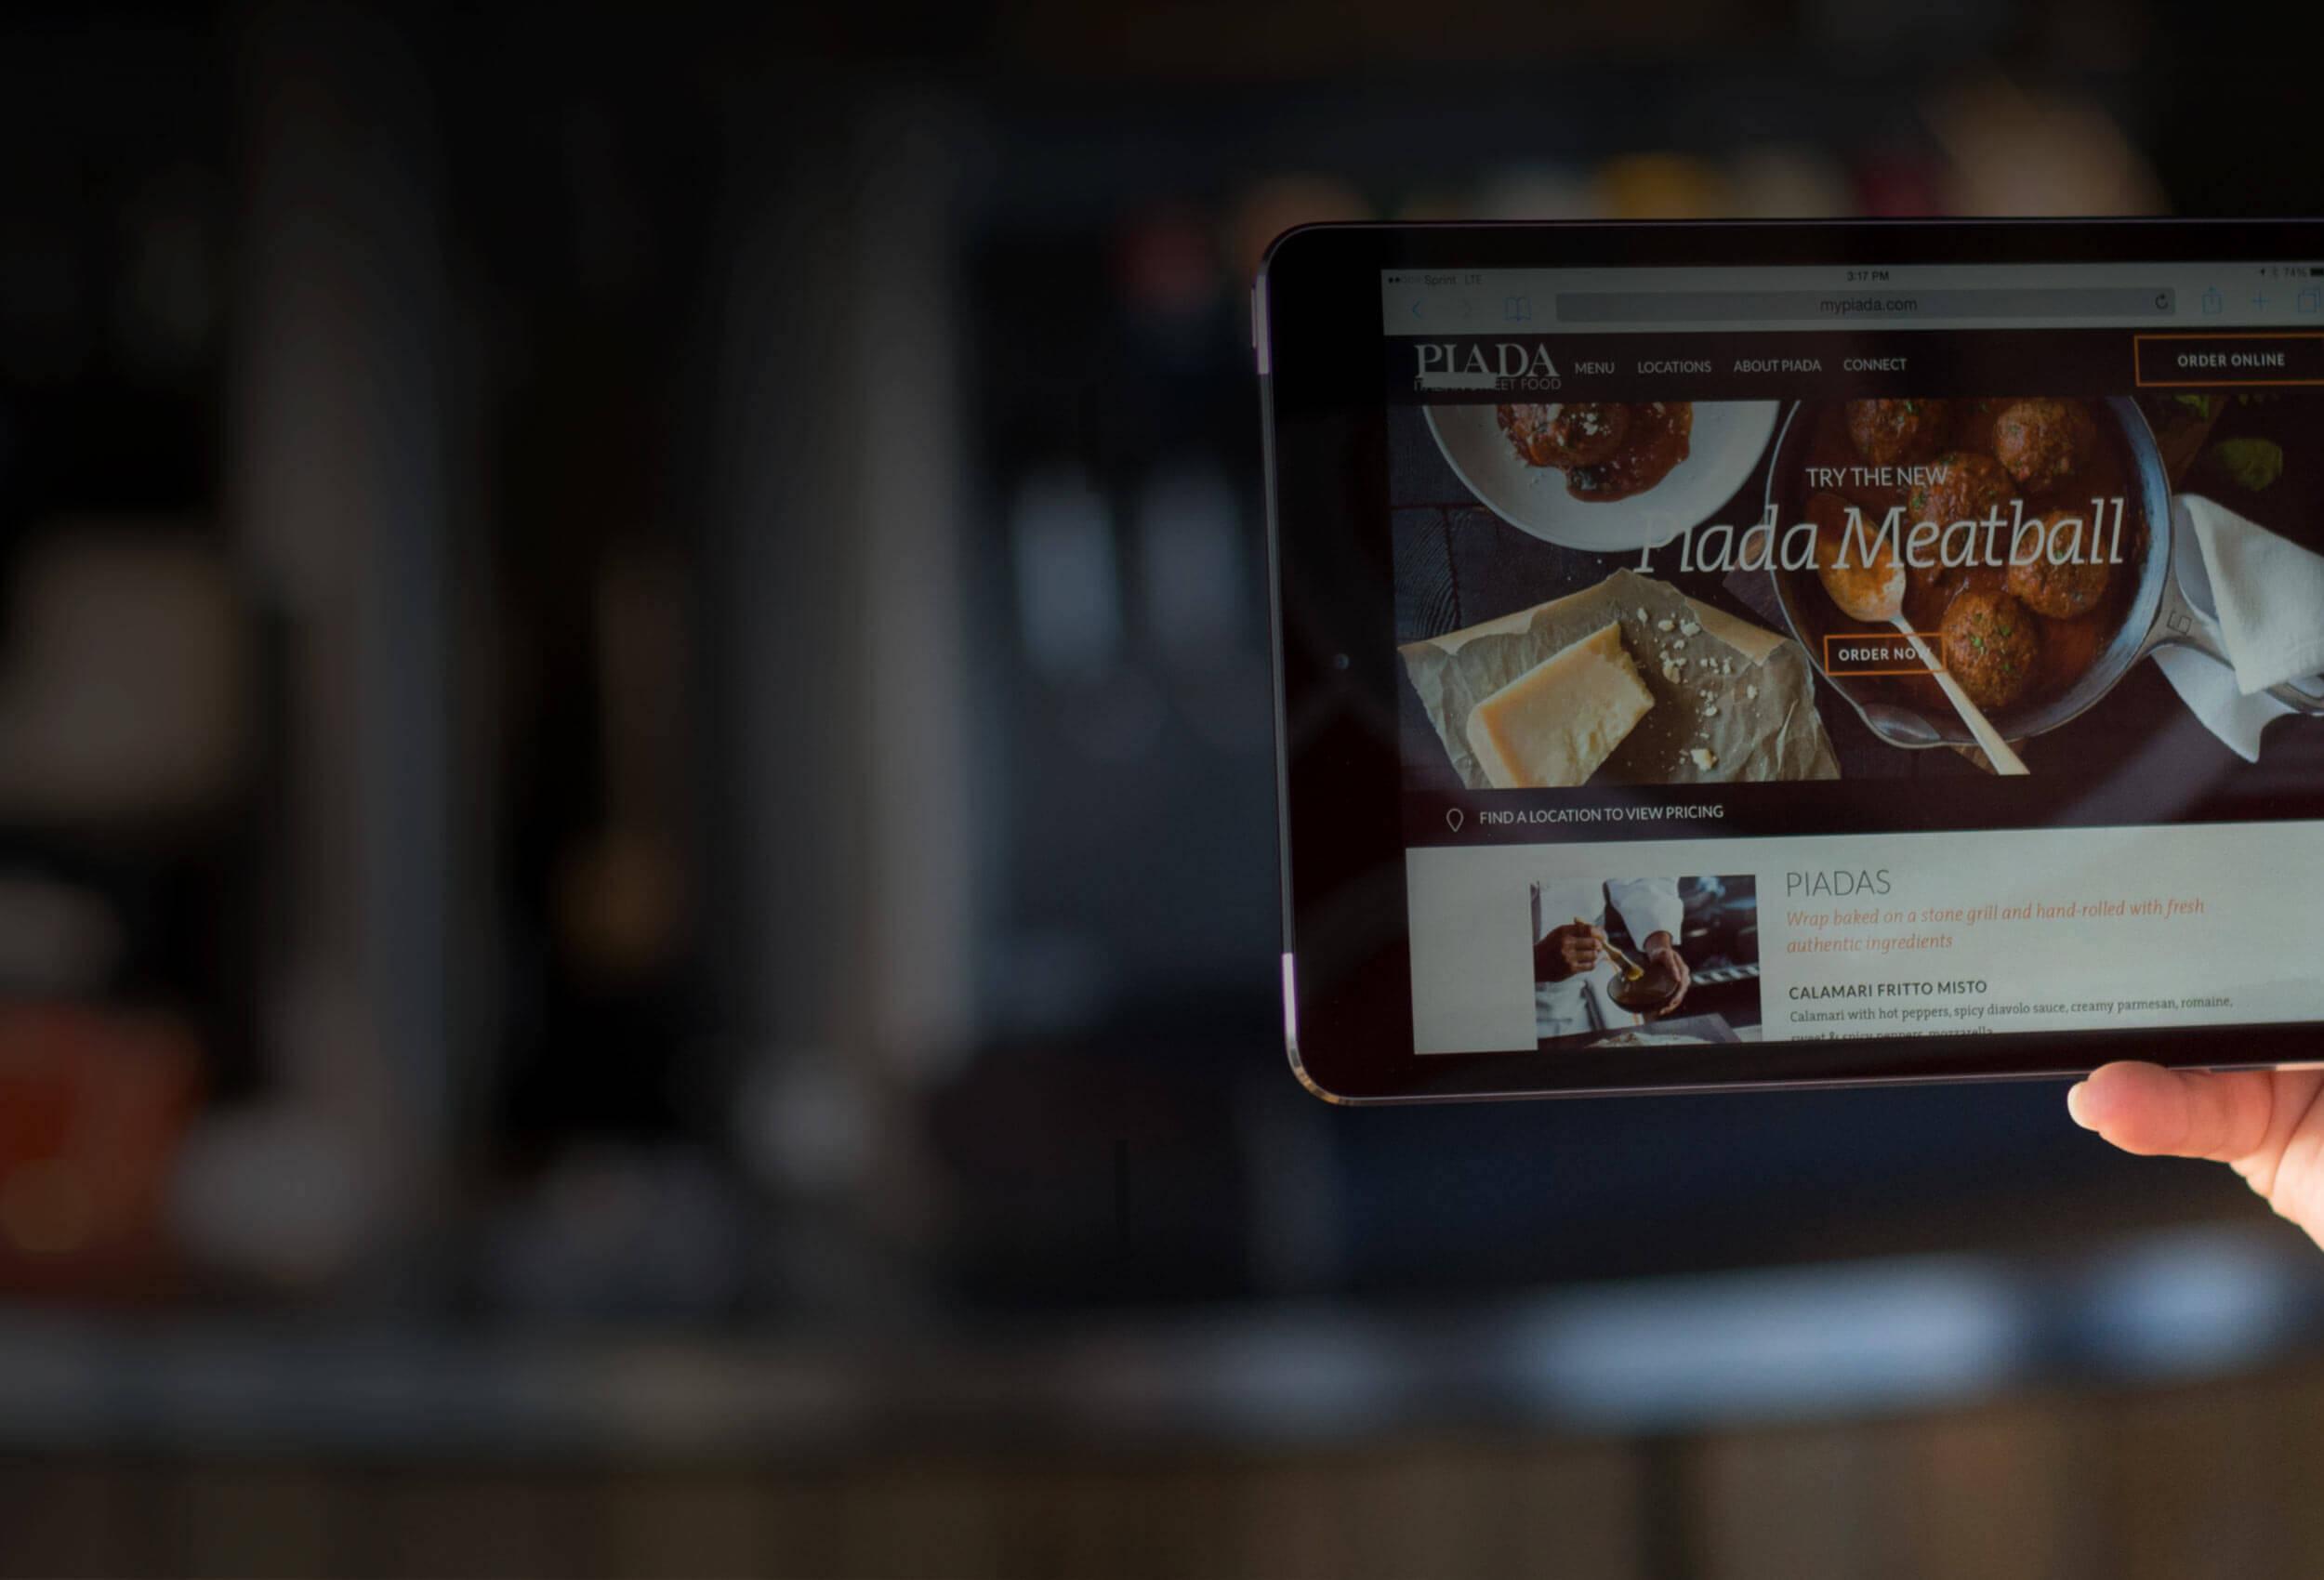 Piada Website on iPad Mini